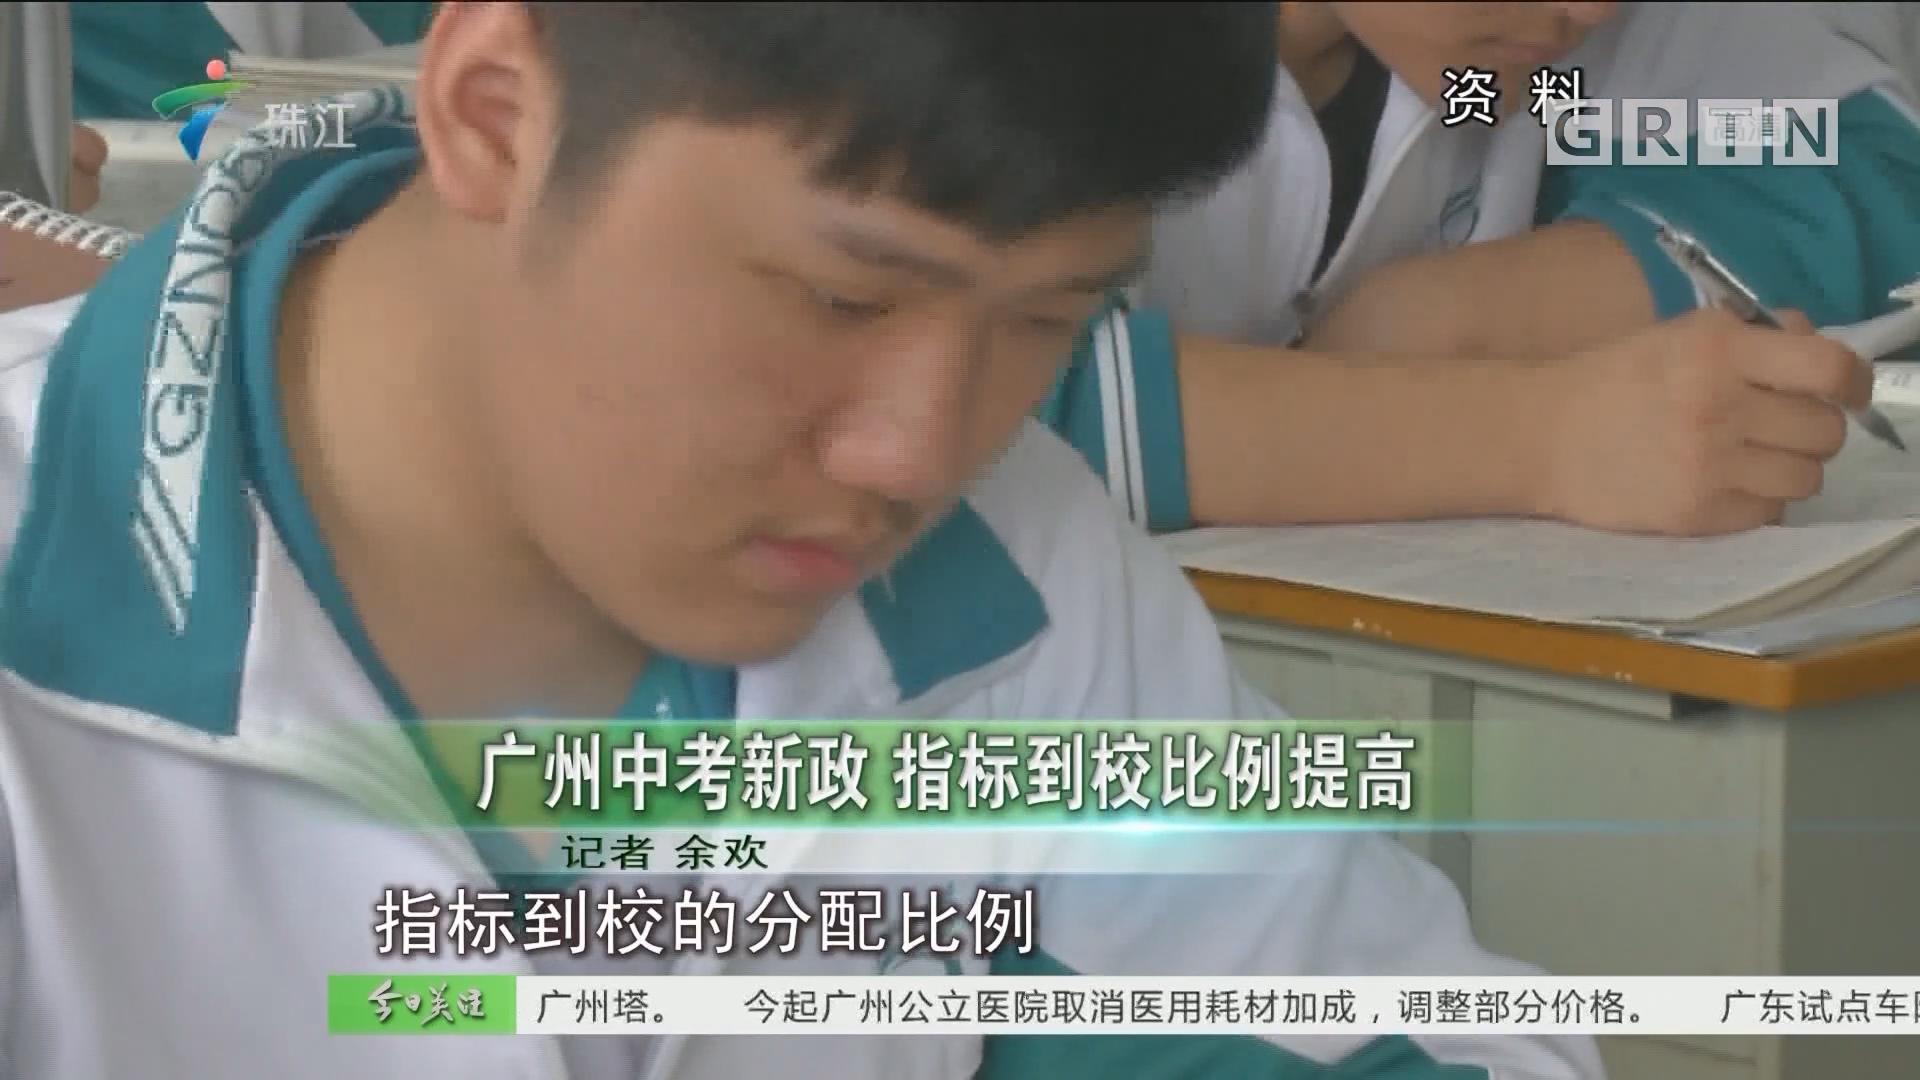 广州中考新政 指标到校比例提高